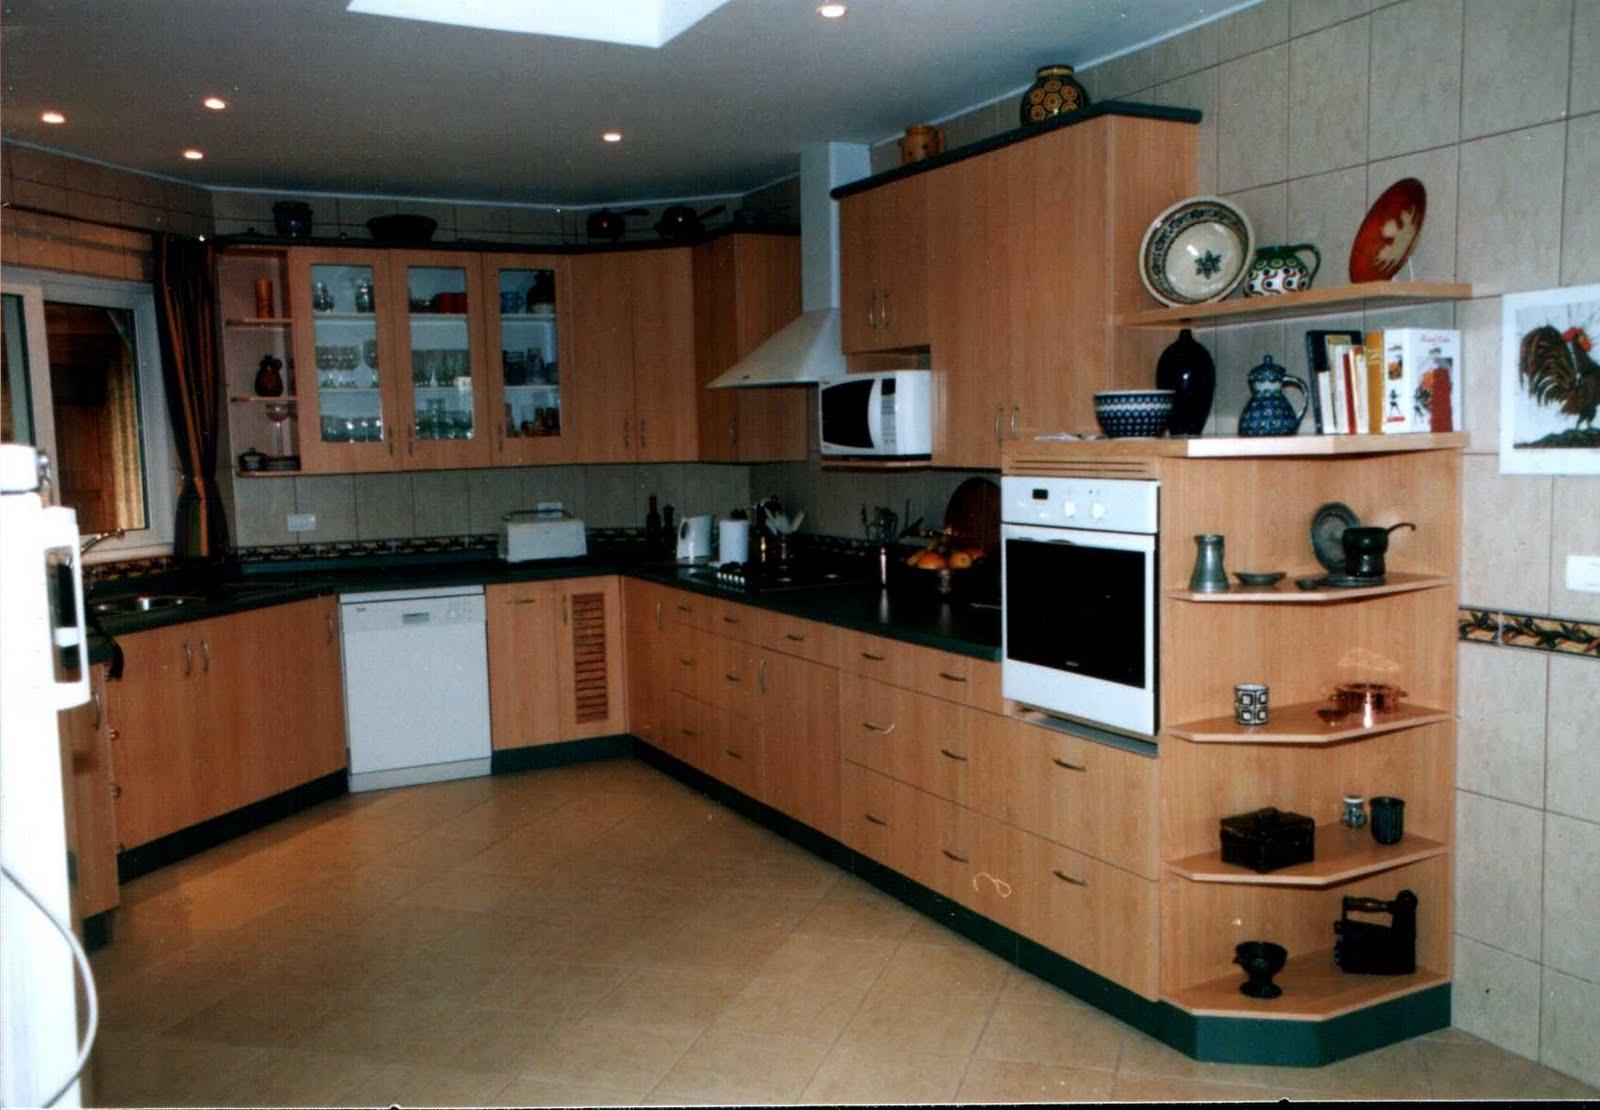 Fotos De Muebles De Cocina Modernos Mueble De Cocina Moderno En  # Muebles Cocina Nigran